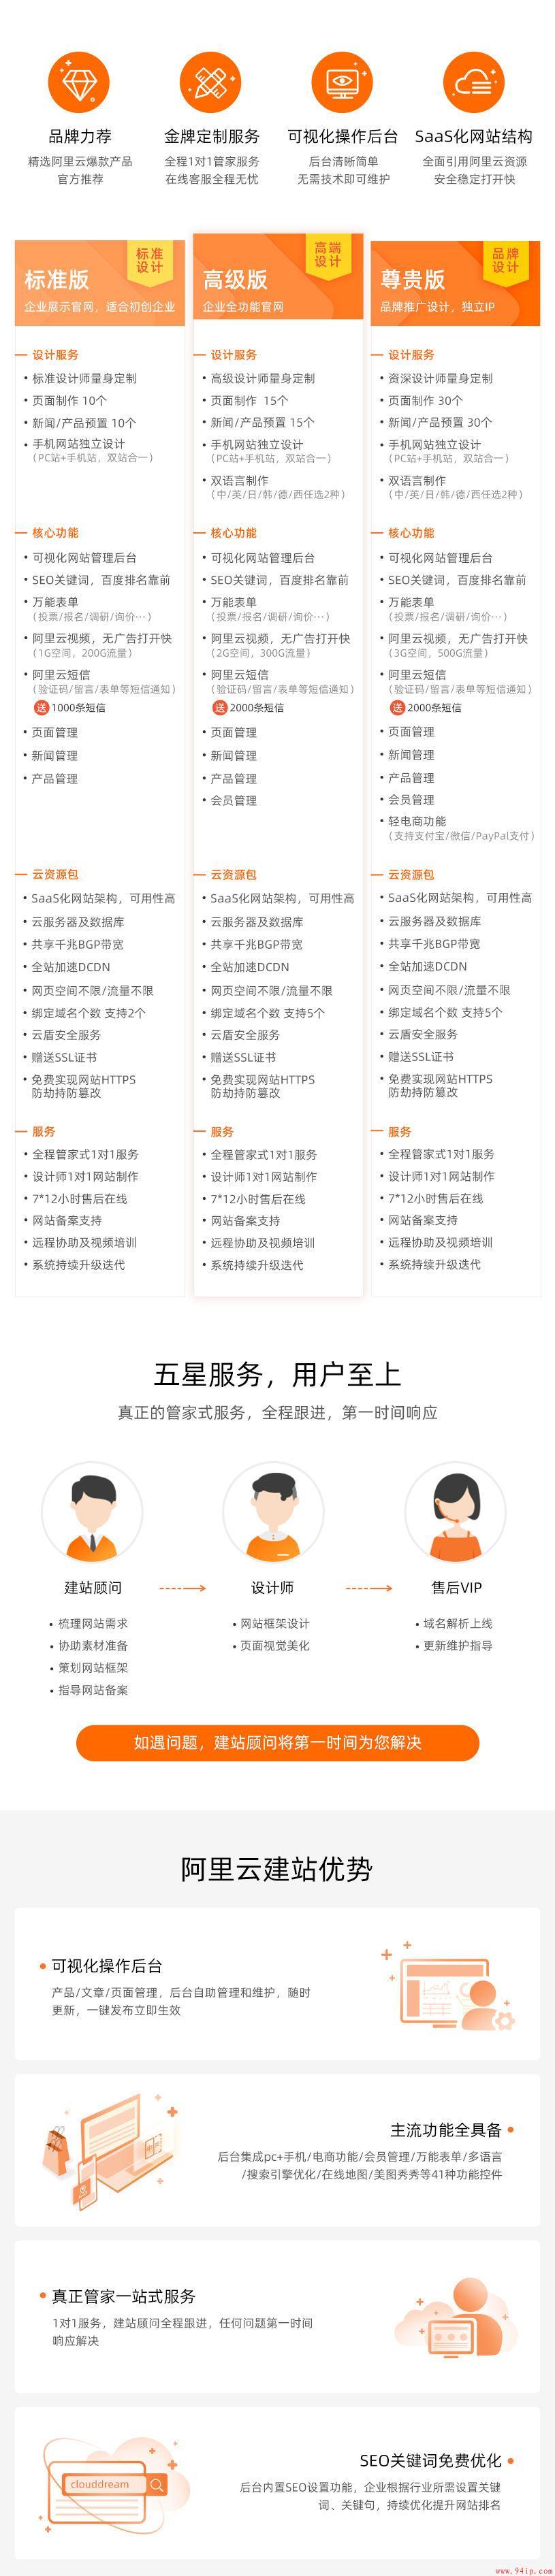 阿里云 云·企业官网标准版入口地址